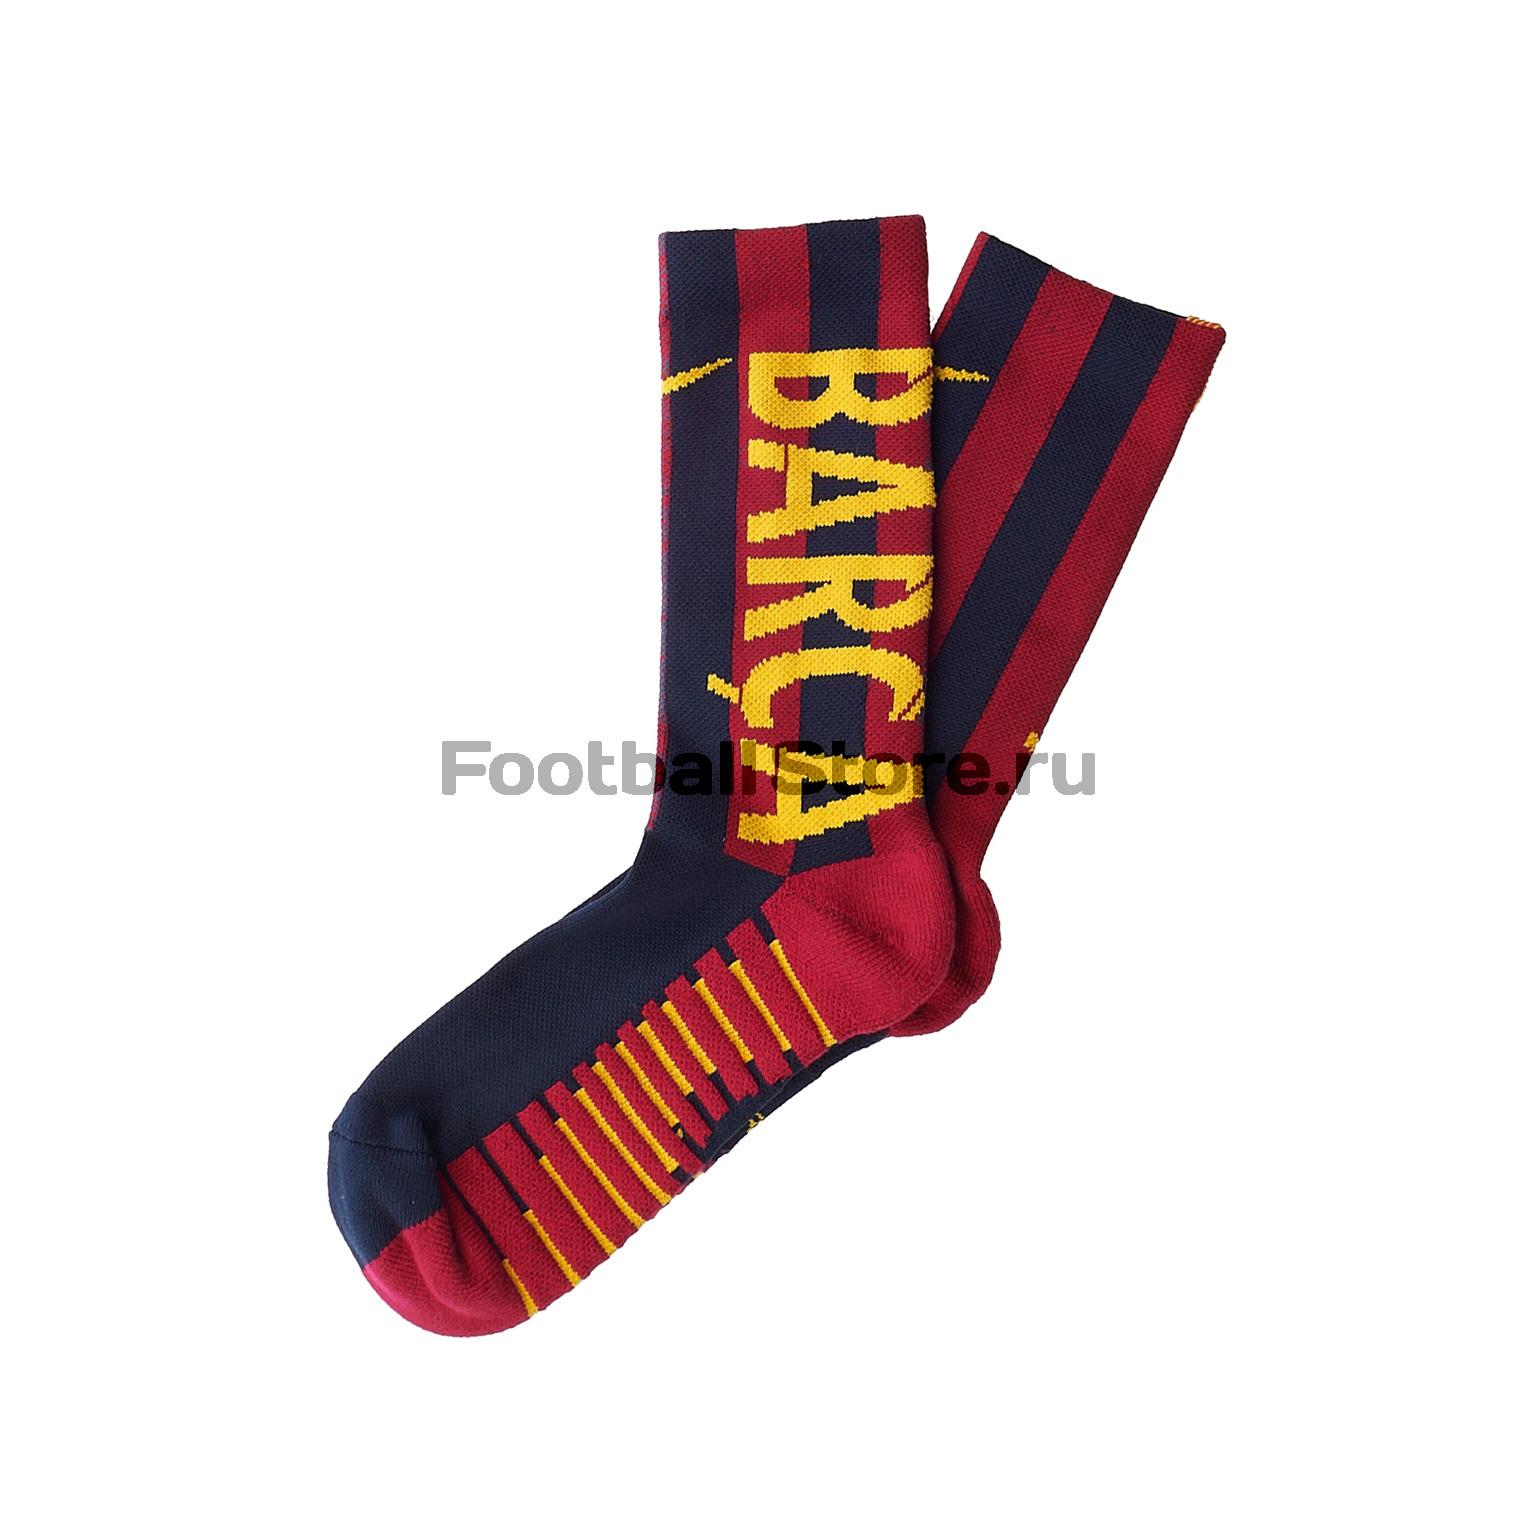 Носки Nike Barcelona Crew SX7562-451 цена